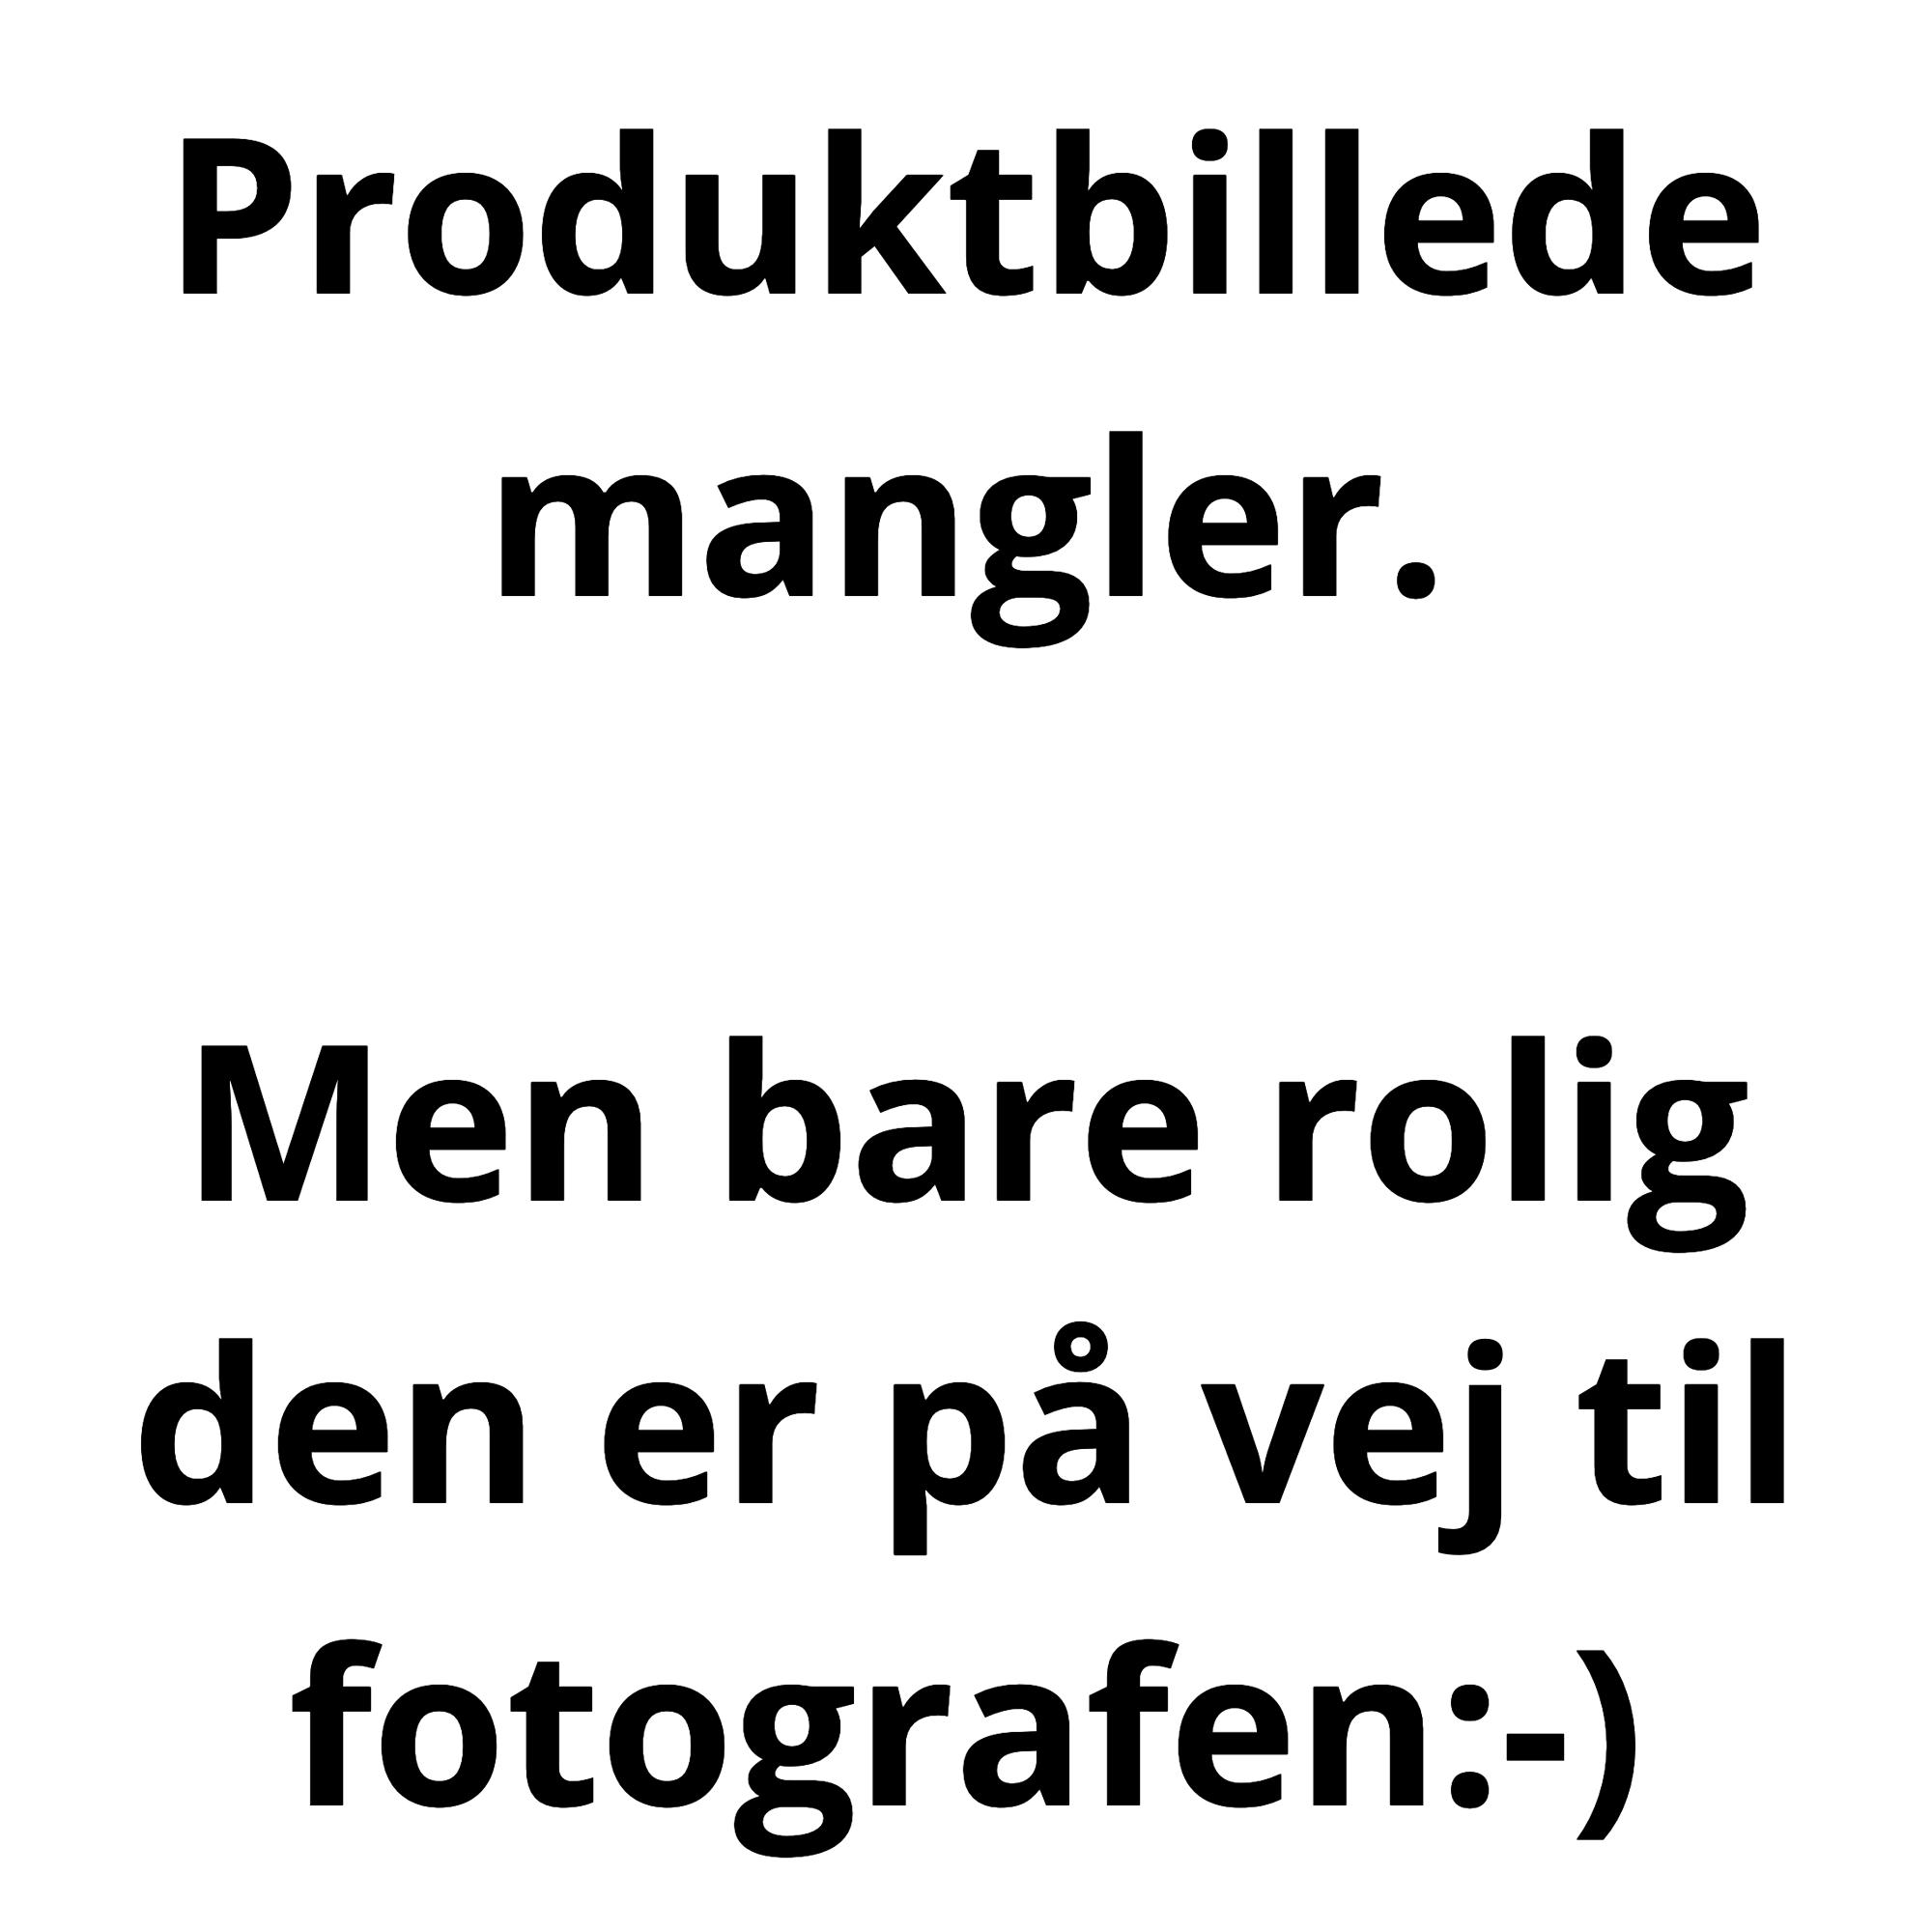 Jiafa - iPhone Opening Tools - Åbningsværktøj